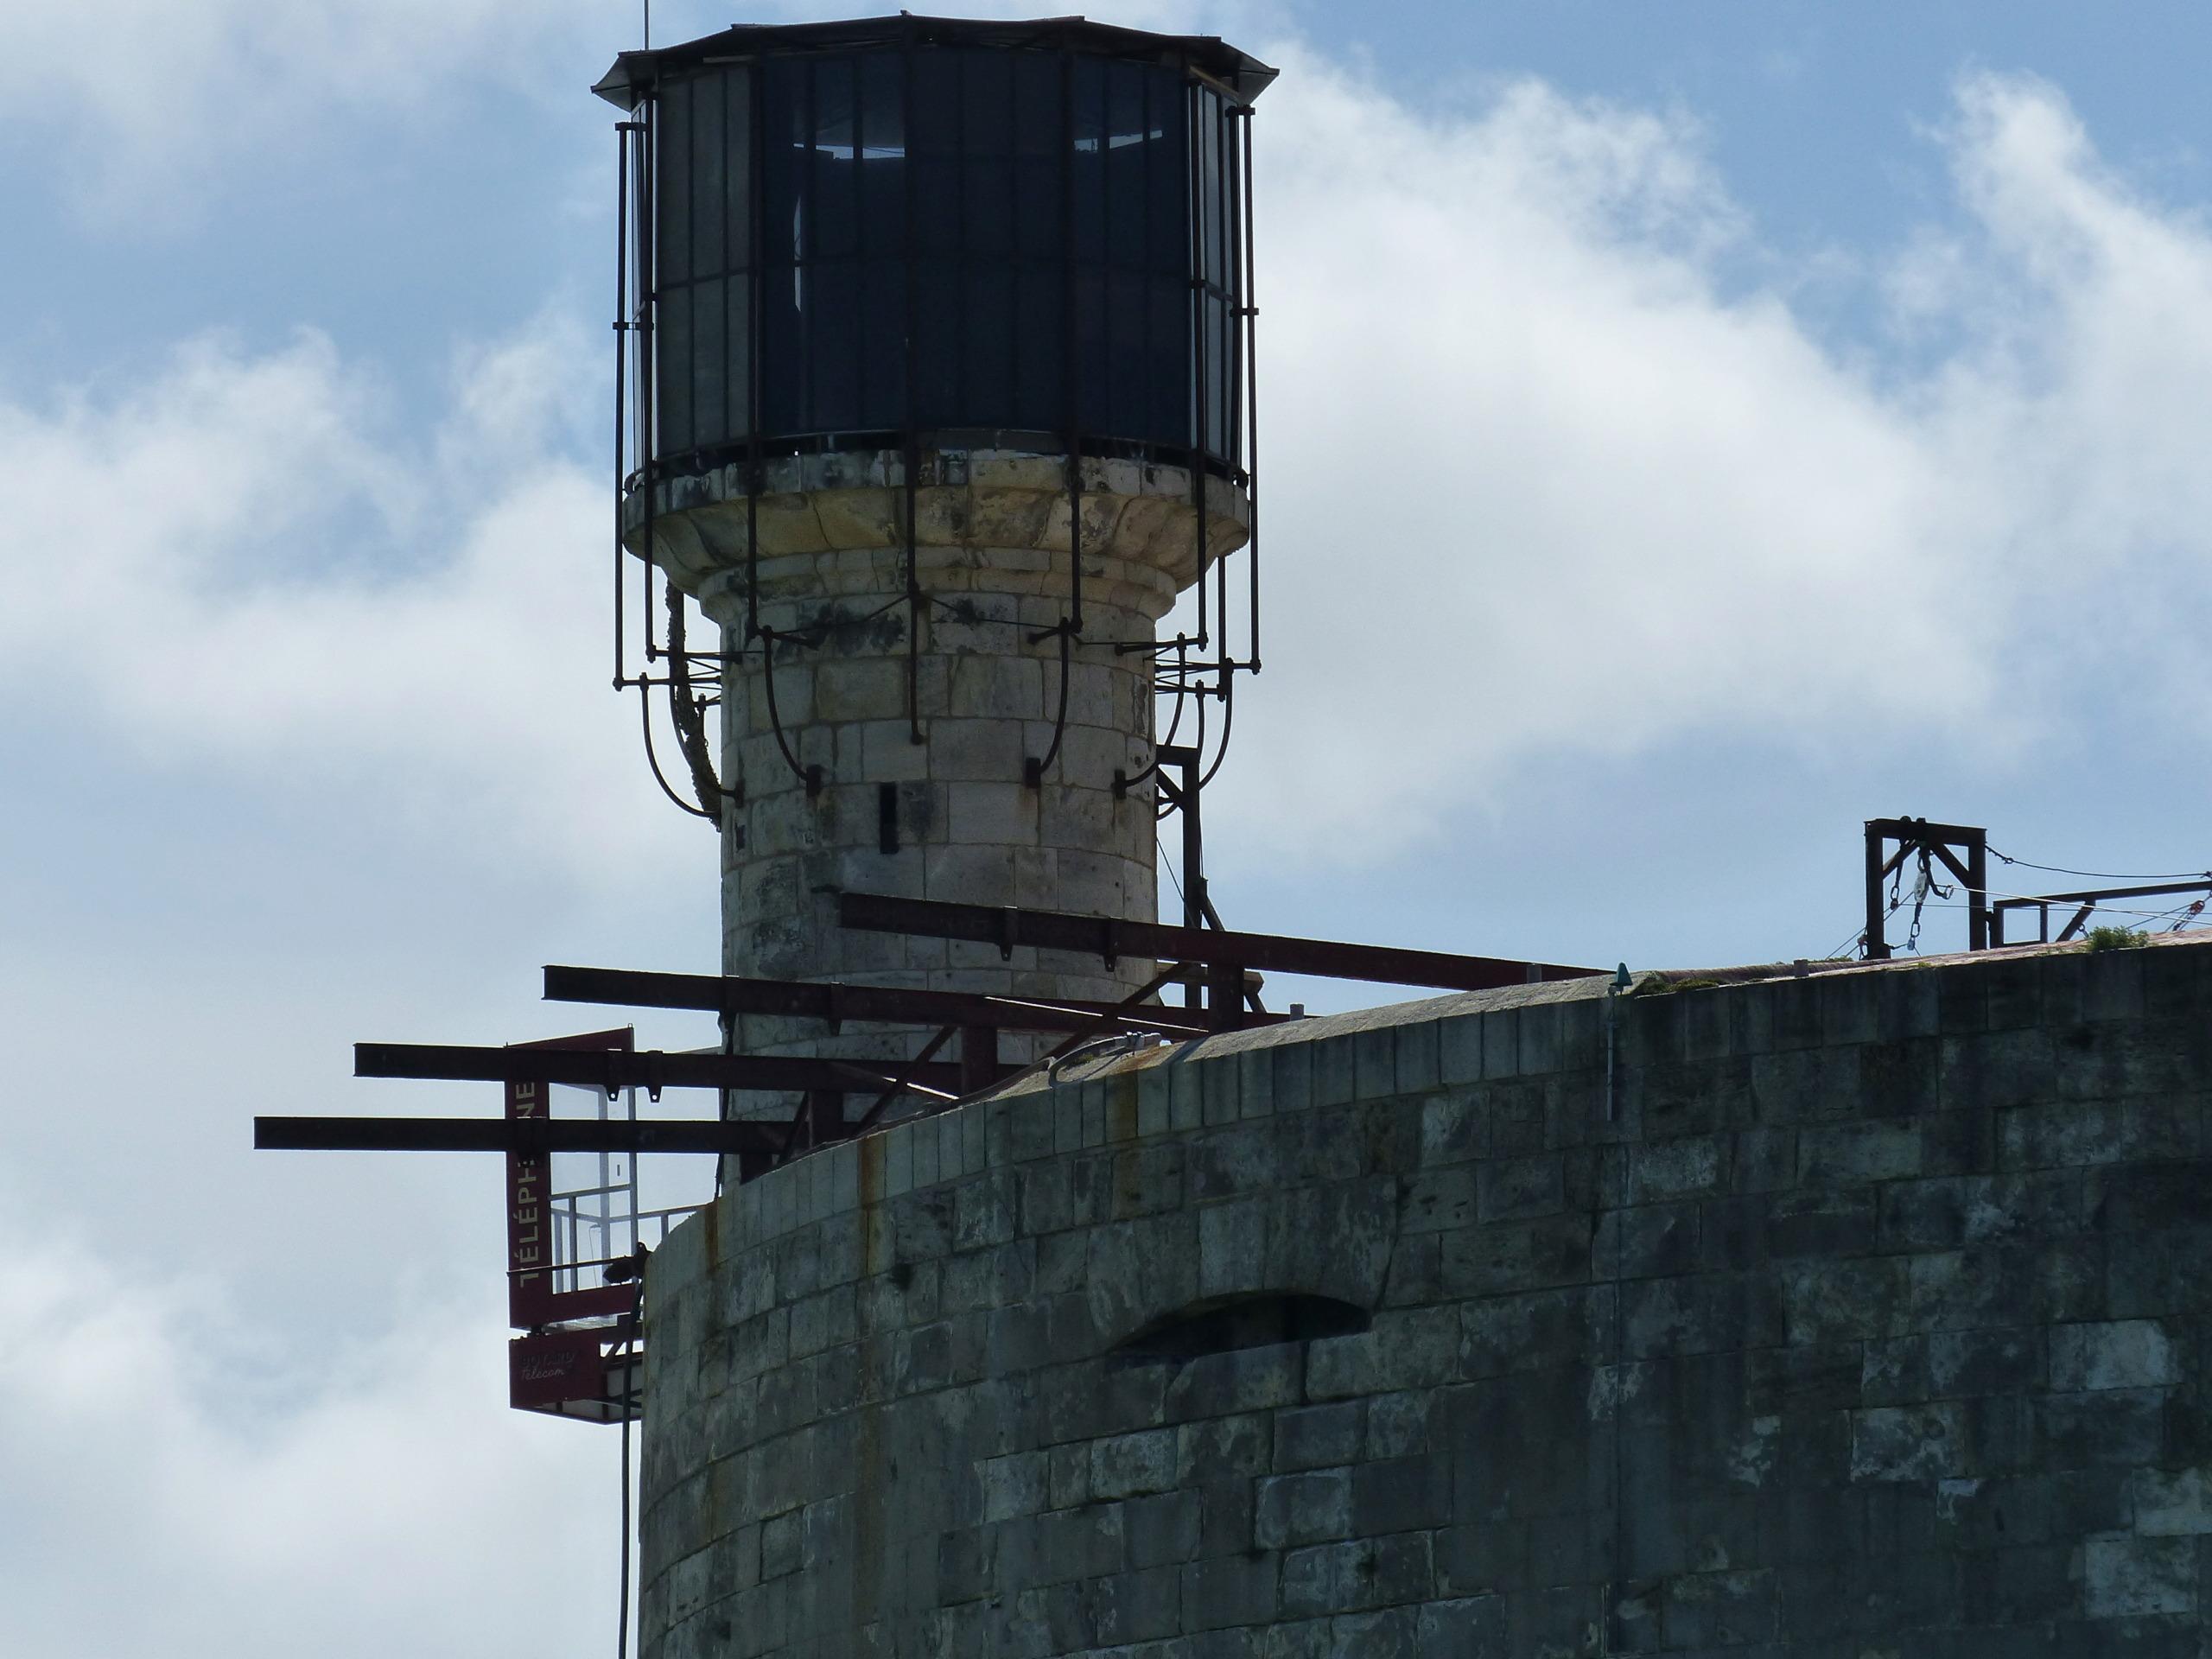 Photos divers de Fort Boyard 2021 (Internautes + hors production) - Page 2 P1090712